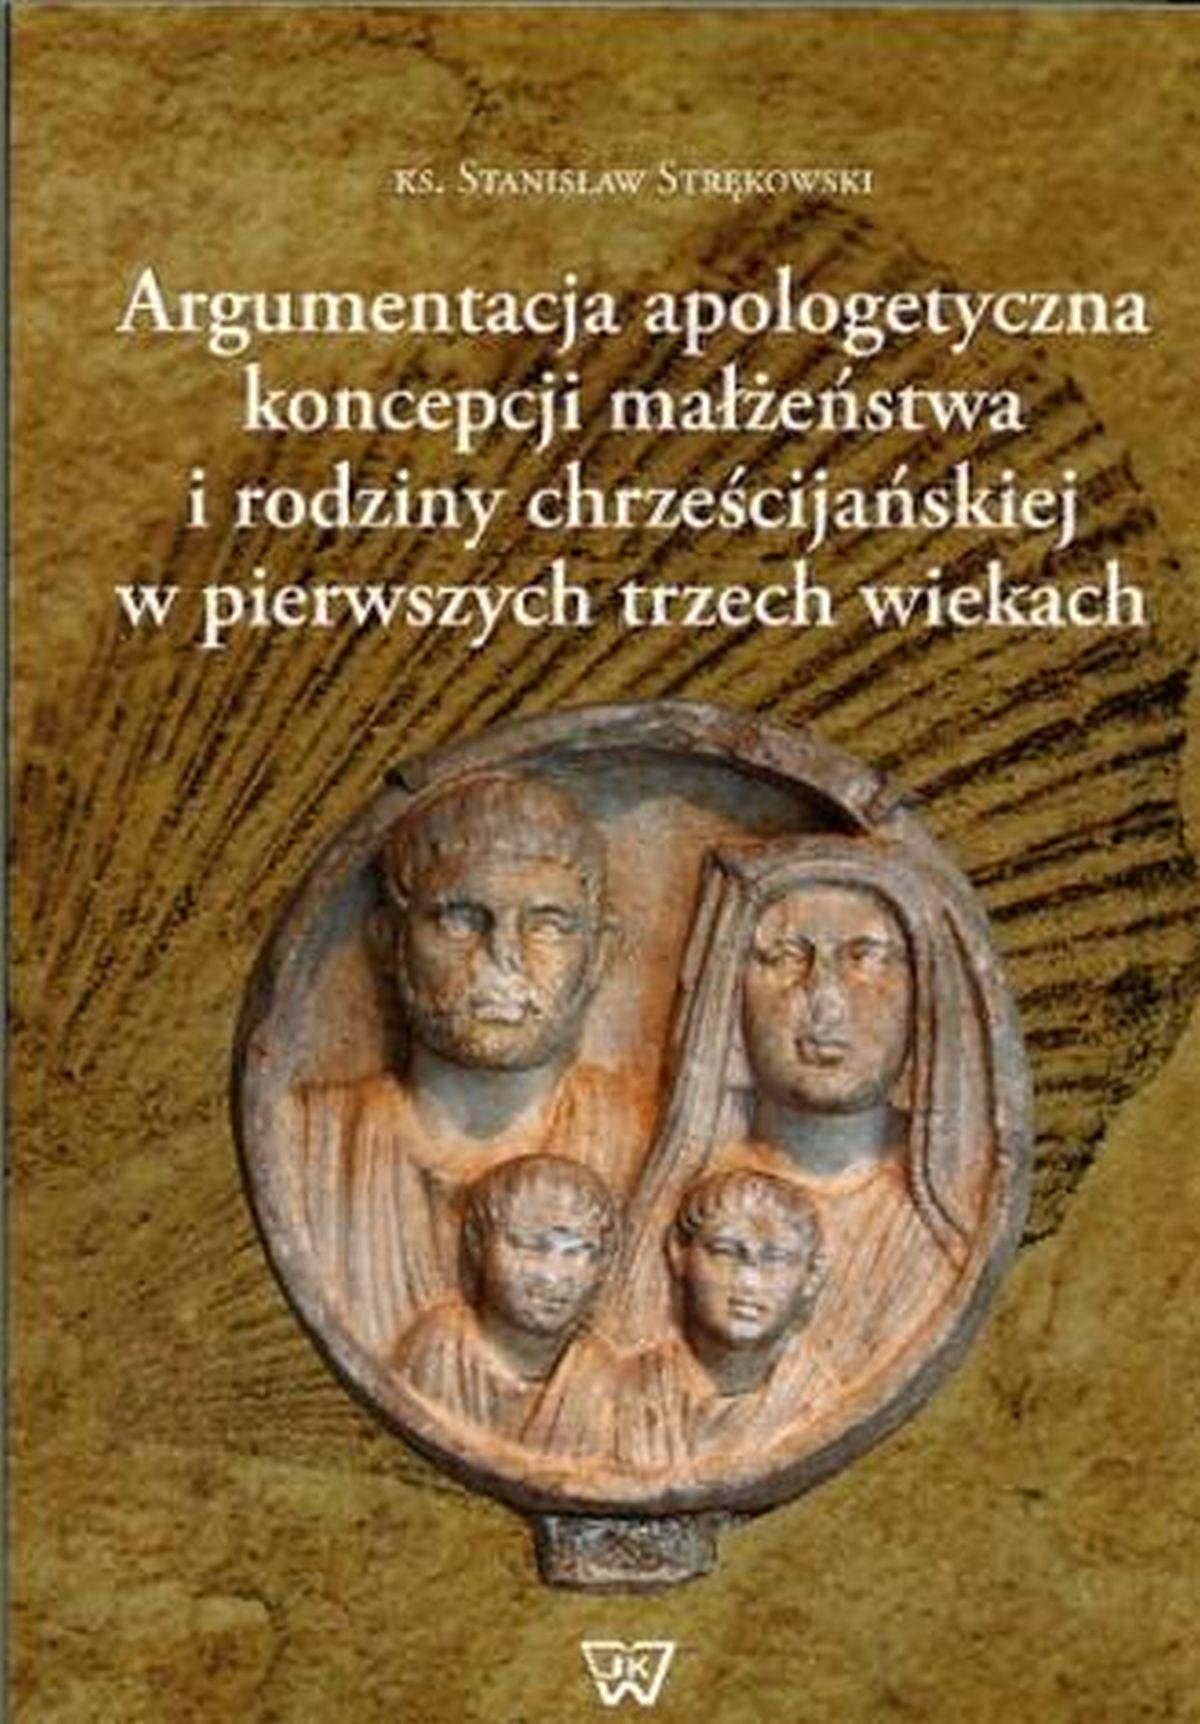 Argumentacja apologetyczna koncepcji małżeństwa i rodziny chrześcijańskiej w pierwszych rzech wiekach